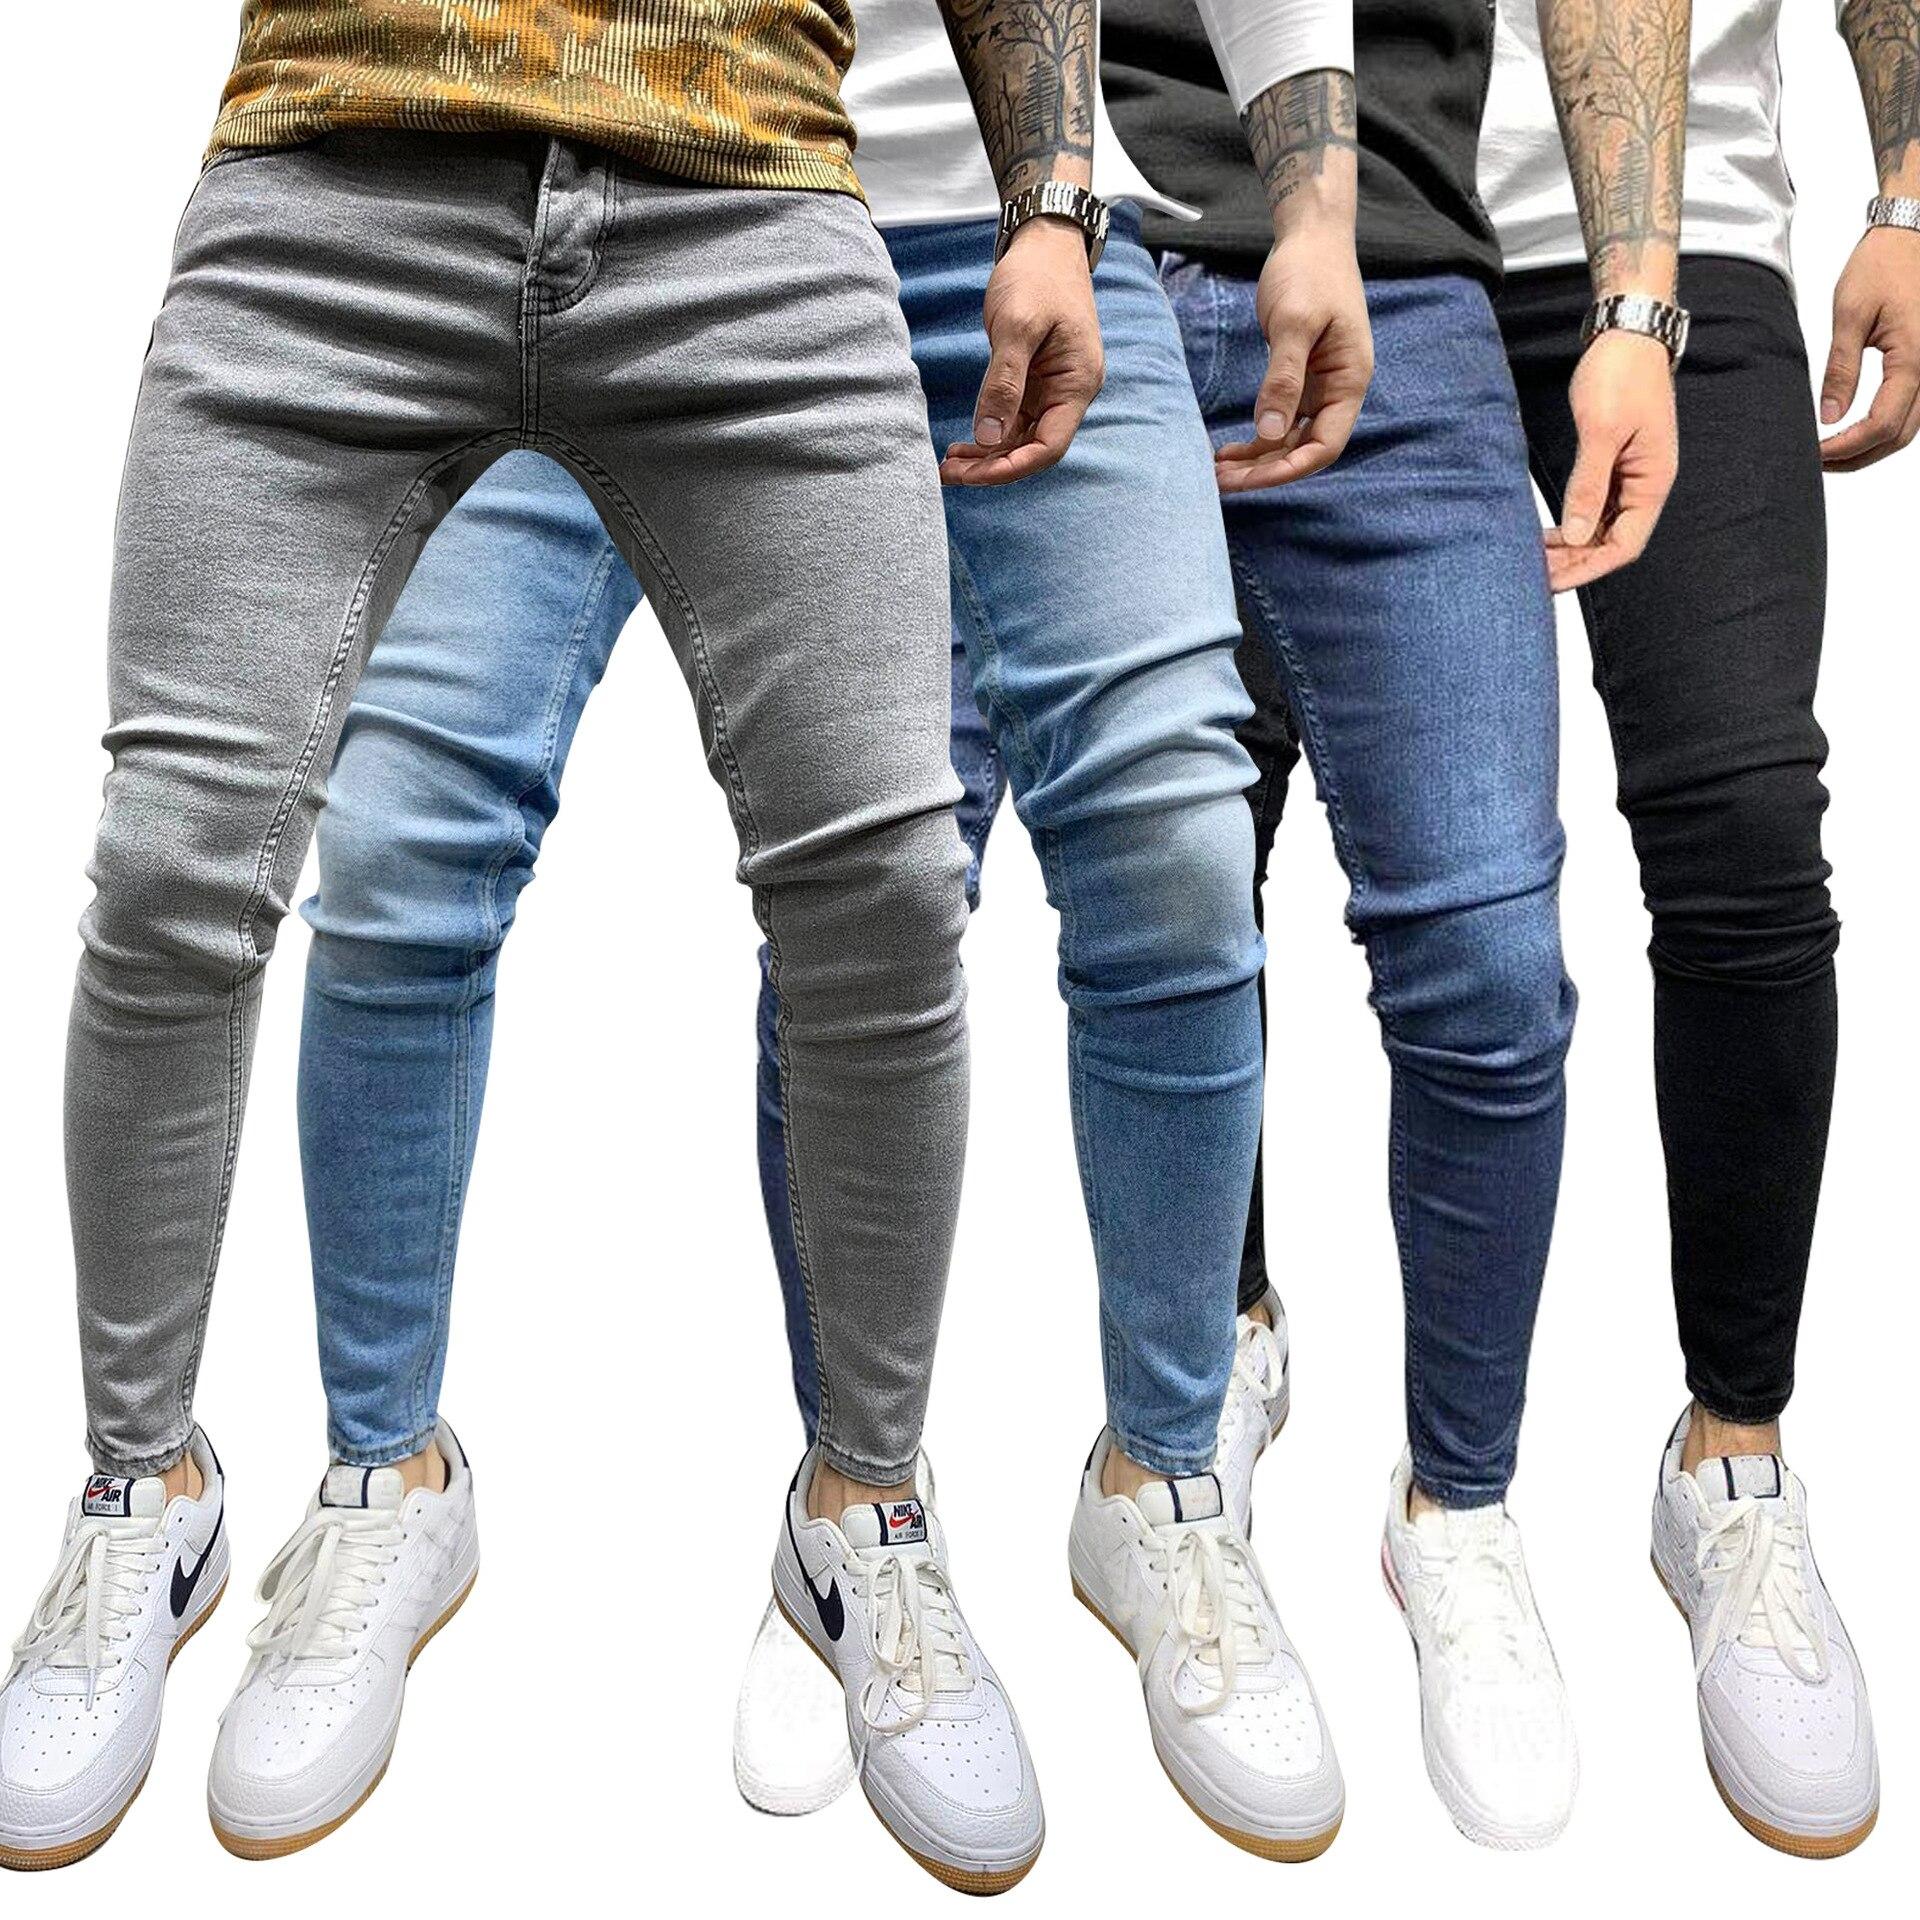 Твердые Цвет эластичные мужские джинсы на талии обтягивающие джинсы стрейч Повседневное узкие брюки уличная мужские джинсы Hombre Pantalon больш...